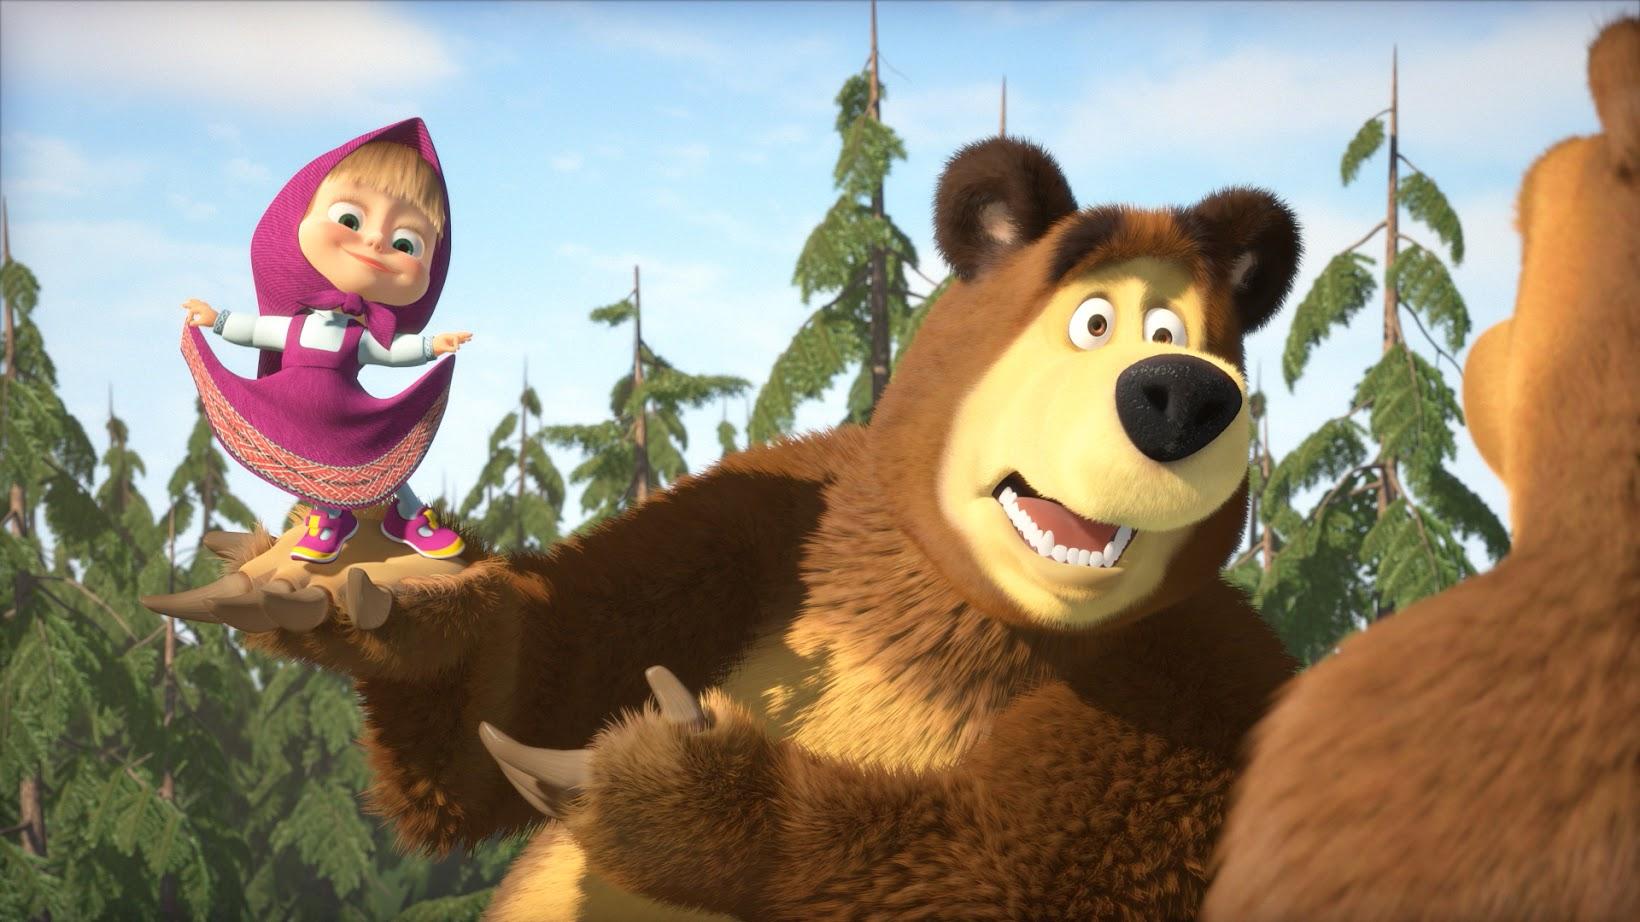 Estreias nos cinemas (08/12): Masha e o Urso, Fallen, O Vendedor de Sonhos, Tamo Junto & mais